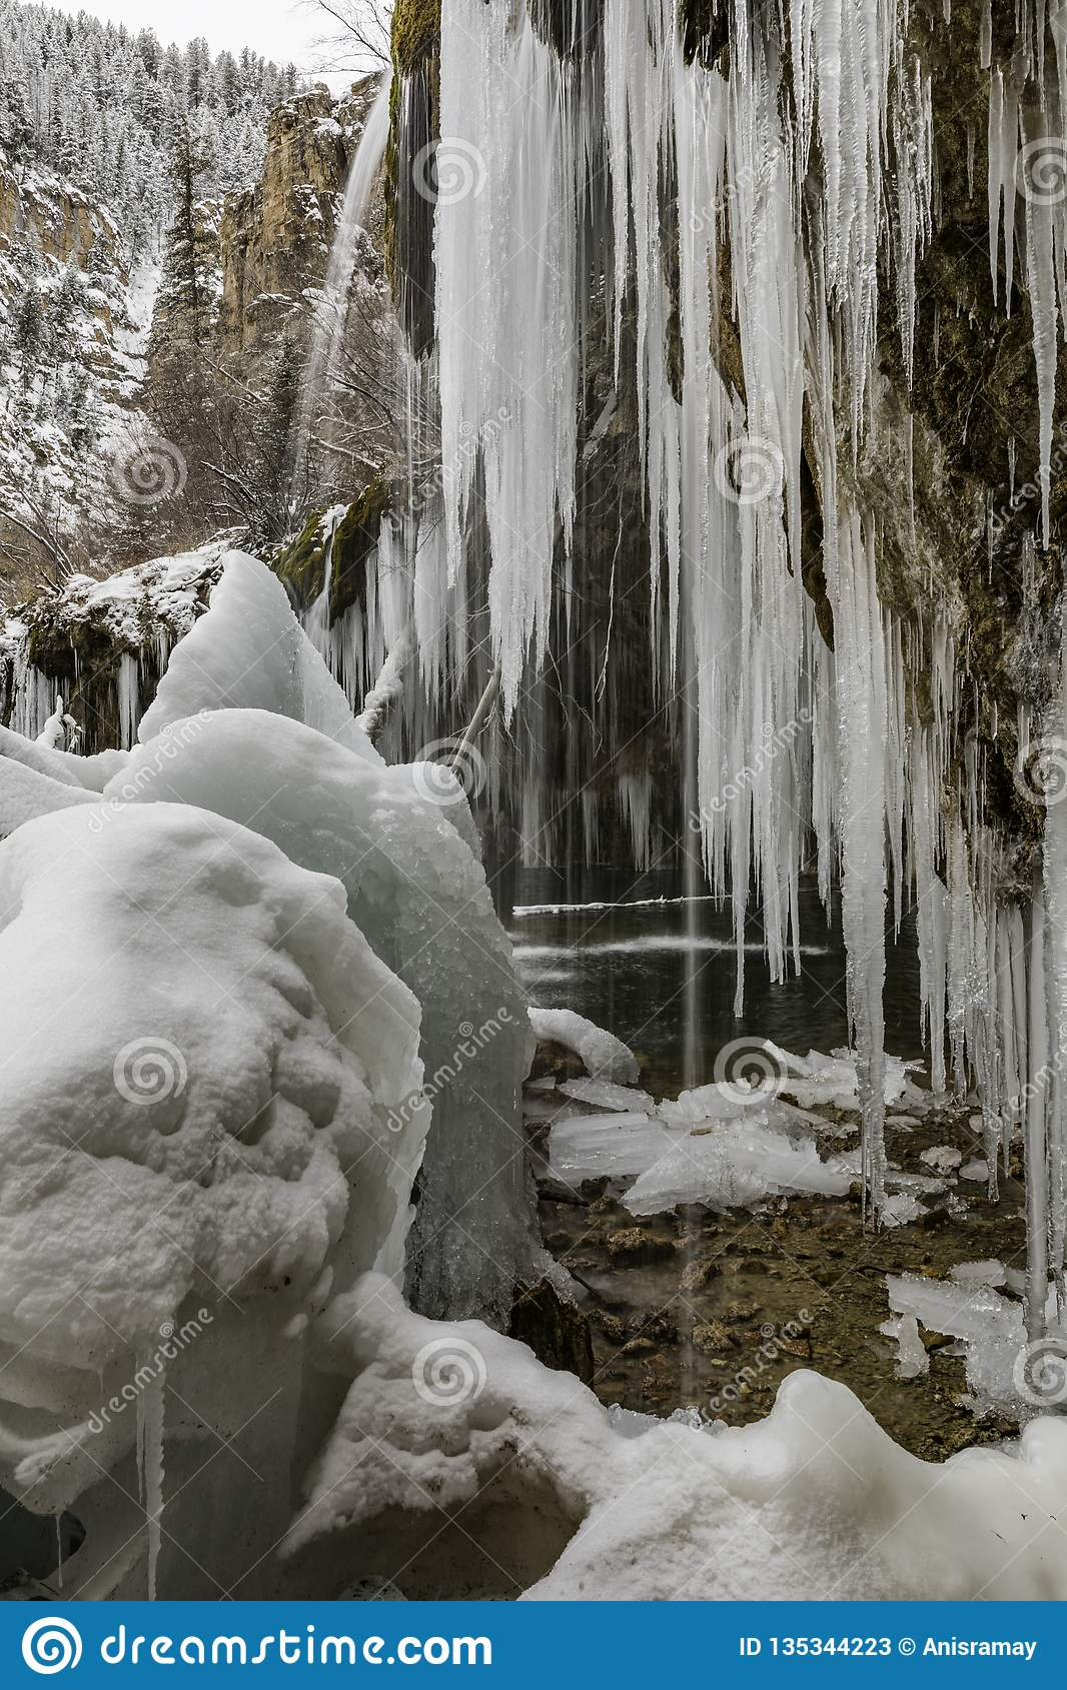 Congelado, Colorado, caminhando, curso, EUA, inverno, neve